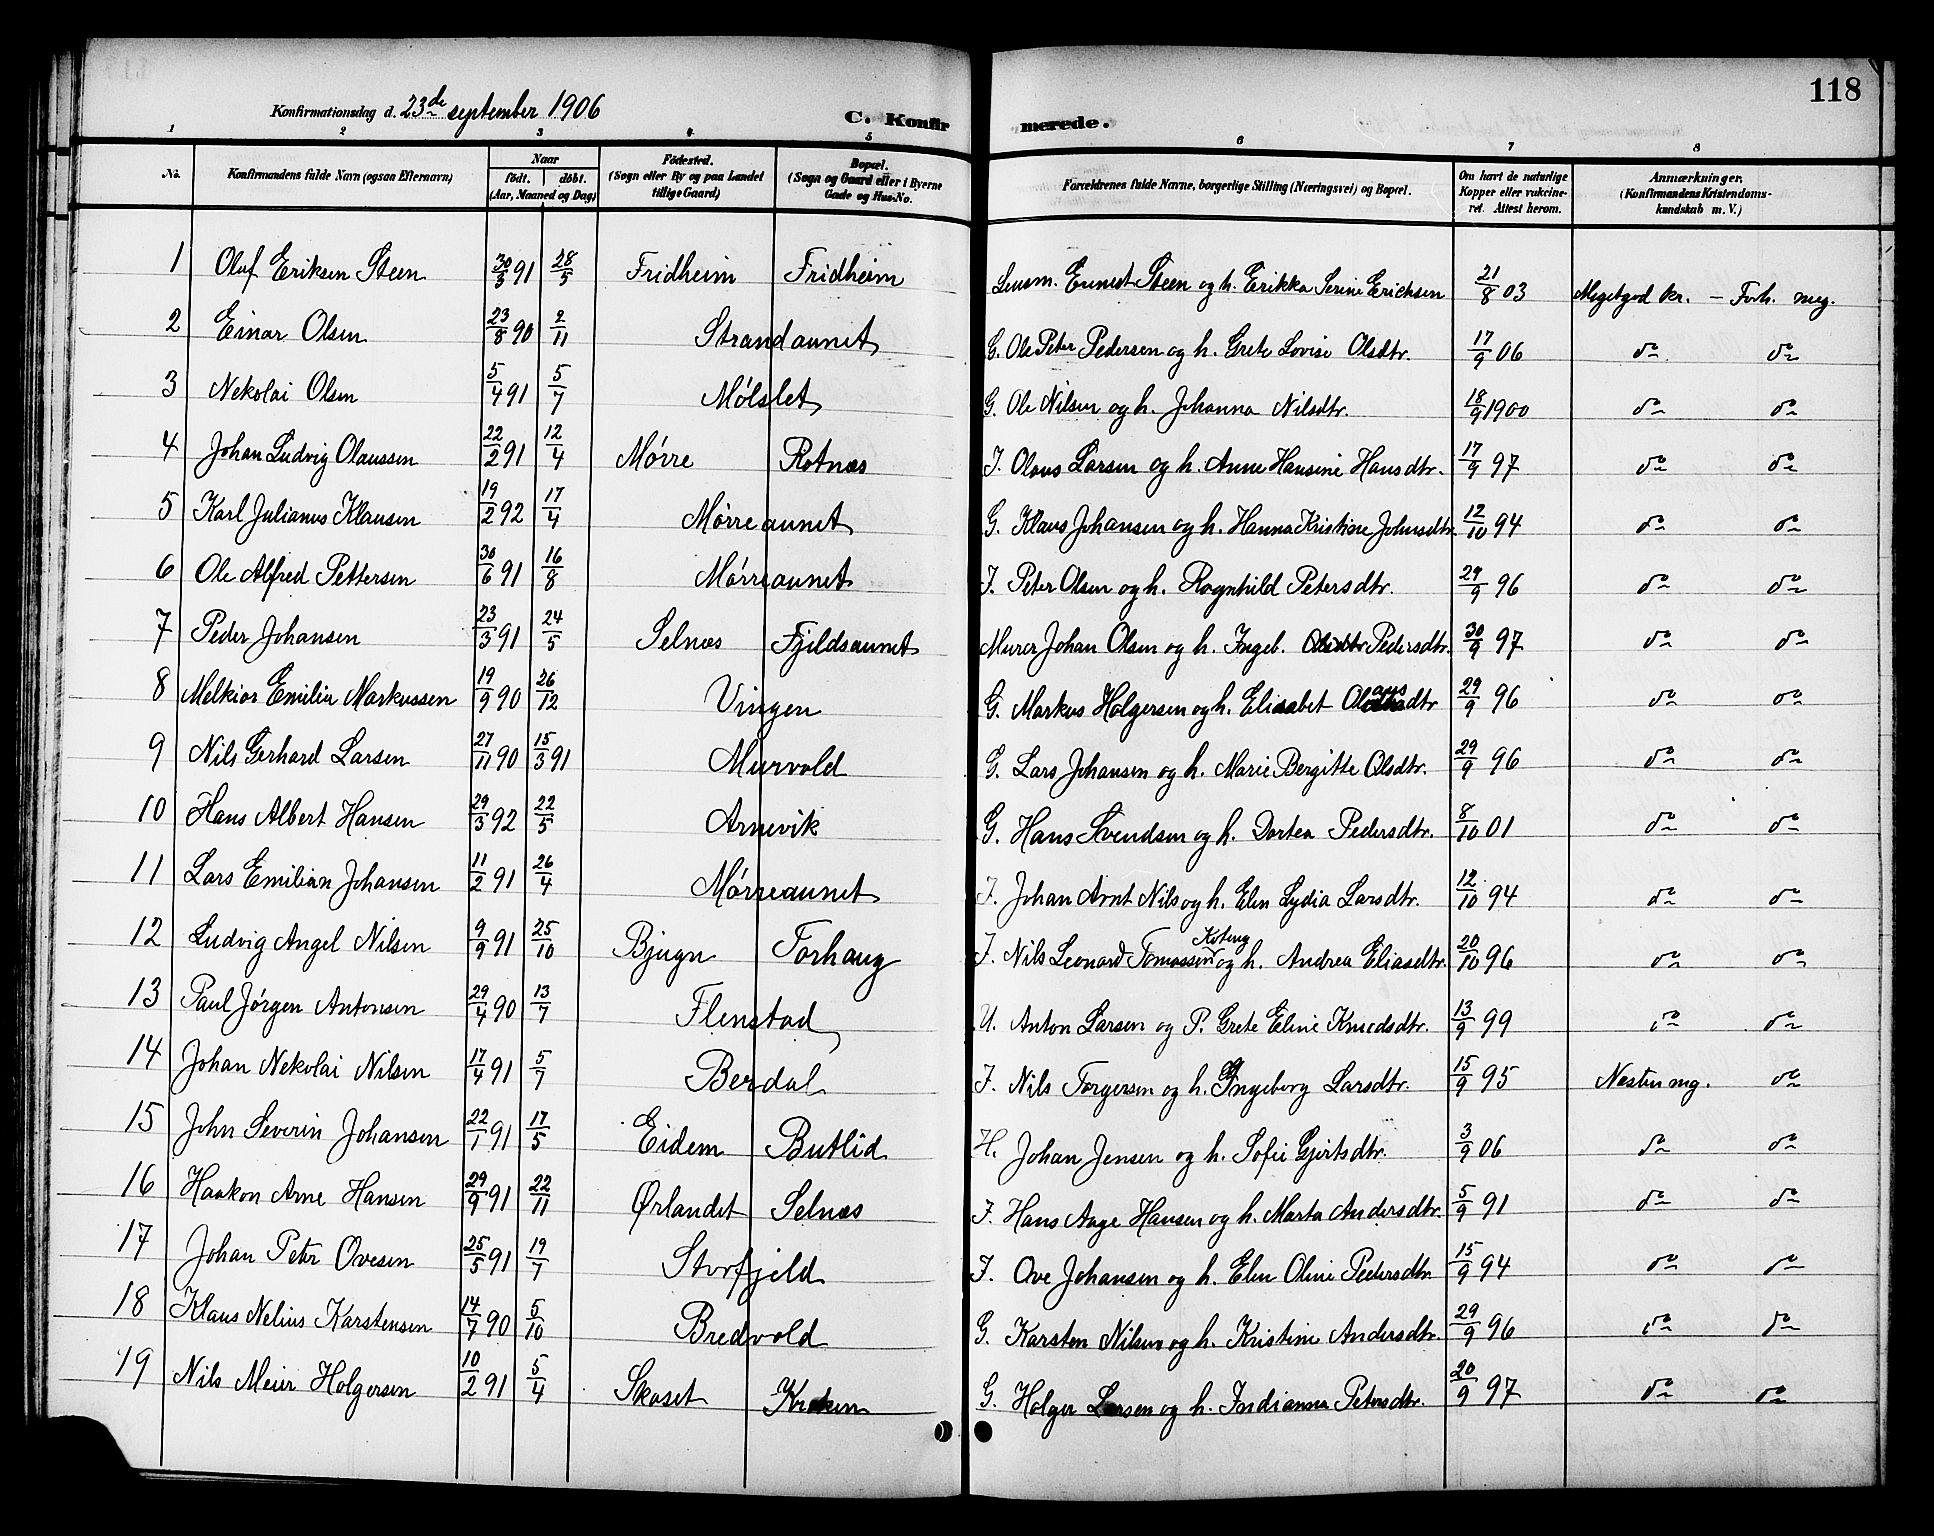 SAT, Ministerialprotokoller, klokkerbøker og fødselsregistre - Sør-Trøndelag, 655/L0688: Klokkerbok nr. 655C04, 1899-1922, s. 118